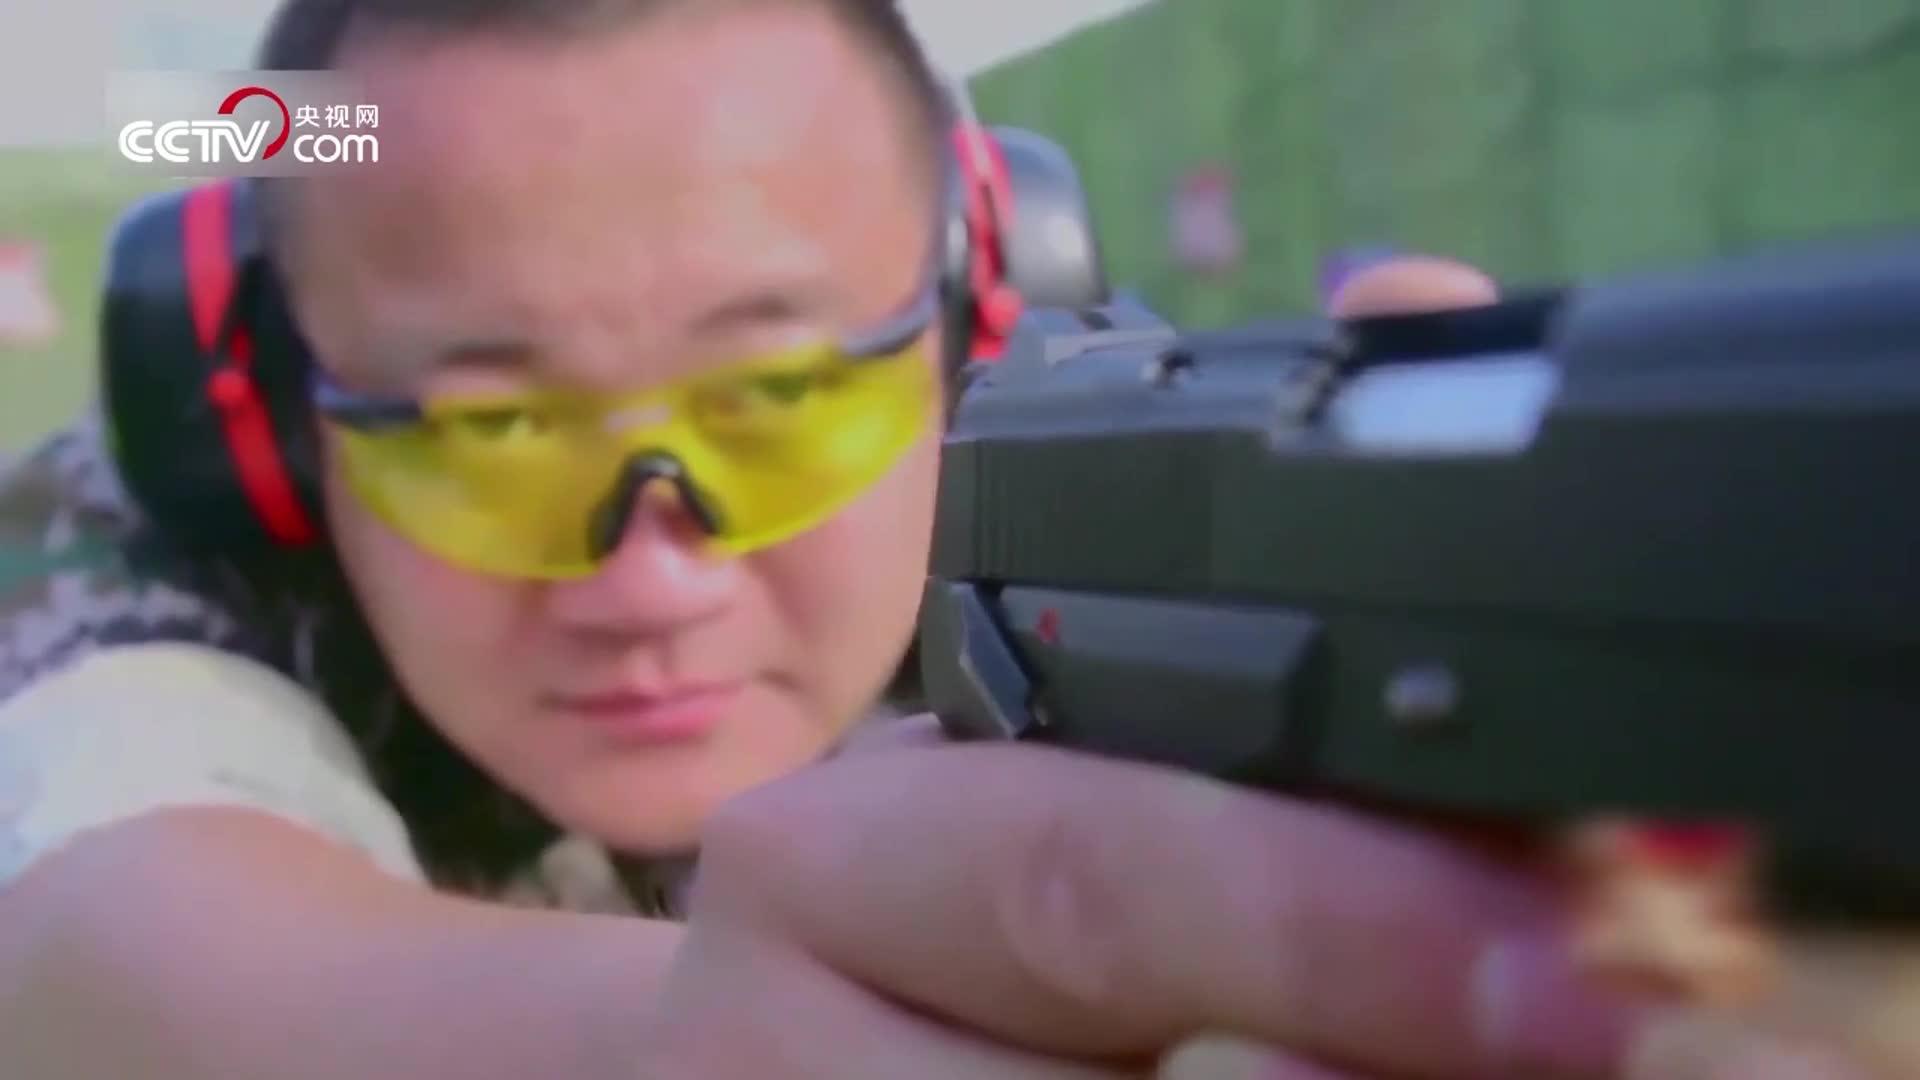 """[视频]电影里都是骗人的?这段视频 带你看真正的""""水下枪战""""!"""